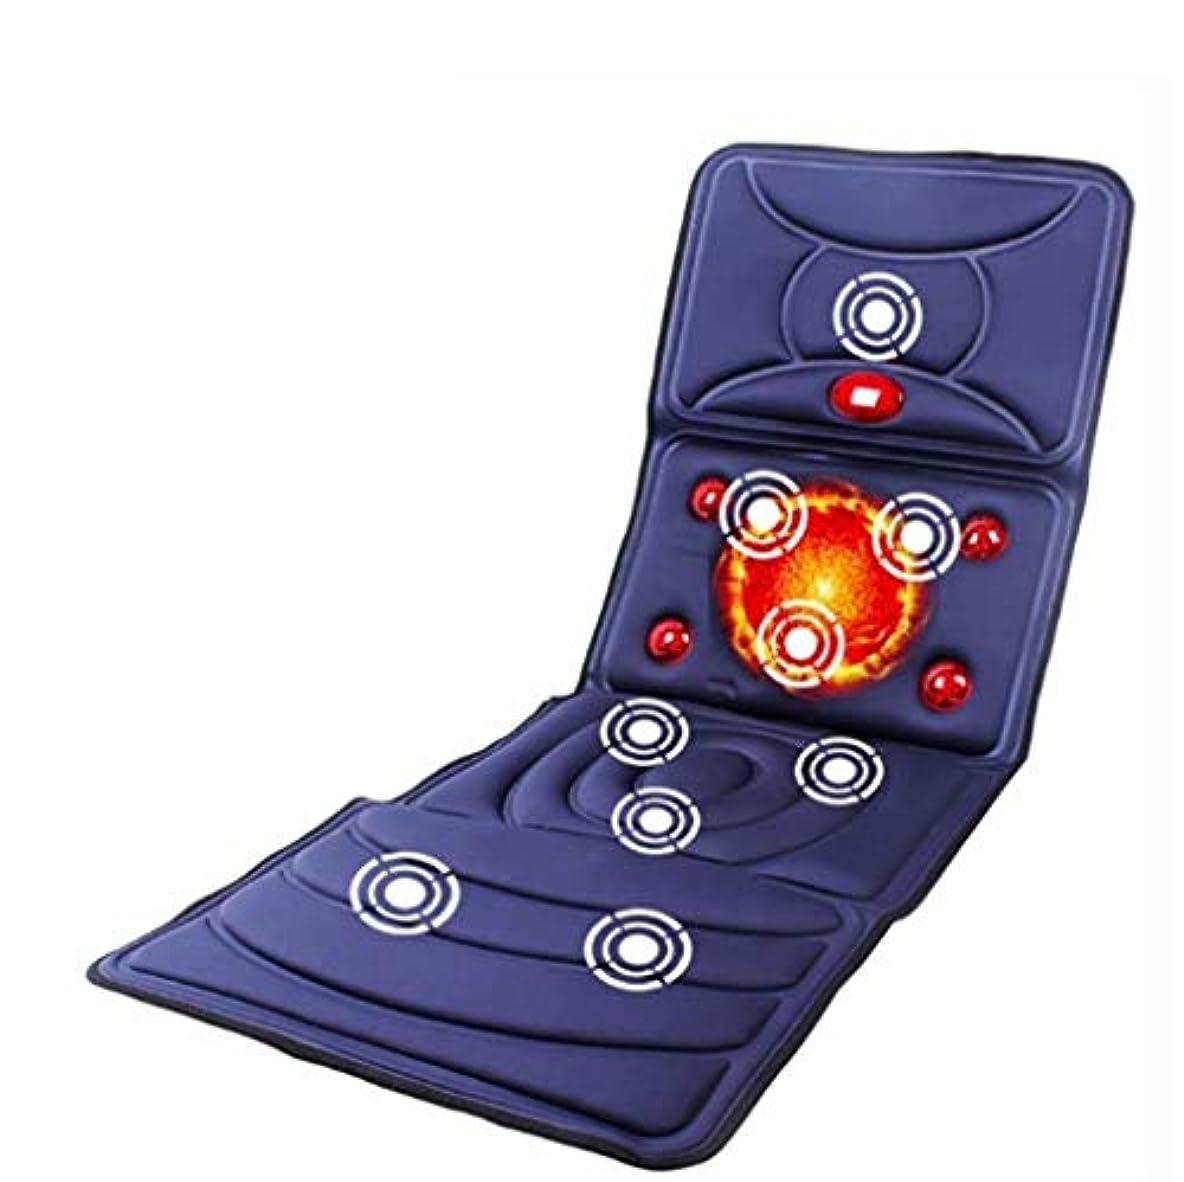 キャップ進化する想定電動マッサージクッション、カーマッサージシート、ネックバックボディマッサージ、加熱ディープニーディングマッサージ、筋肉のリラックス、ストレス解消